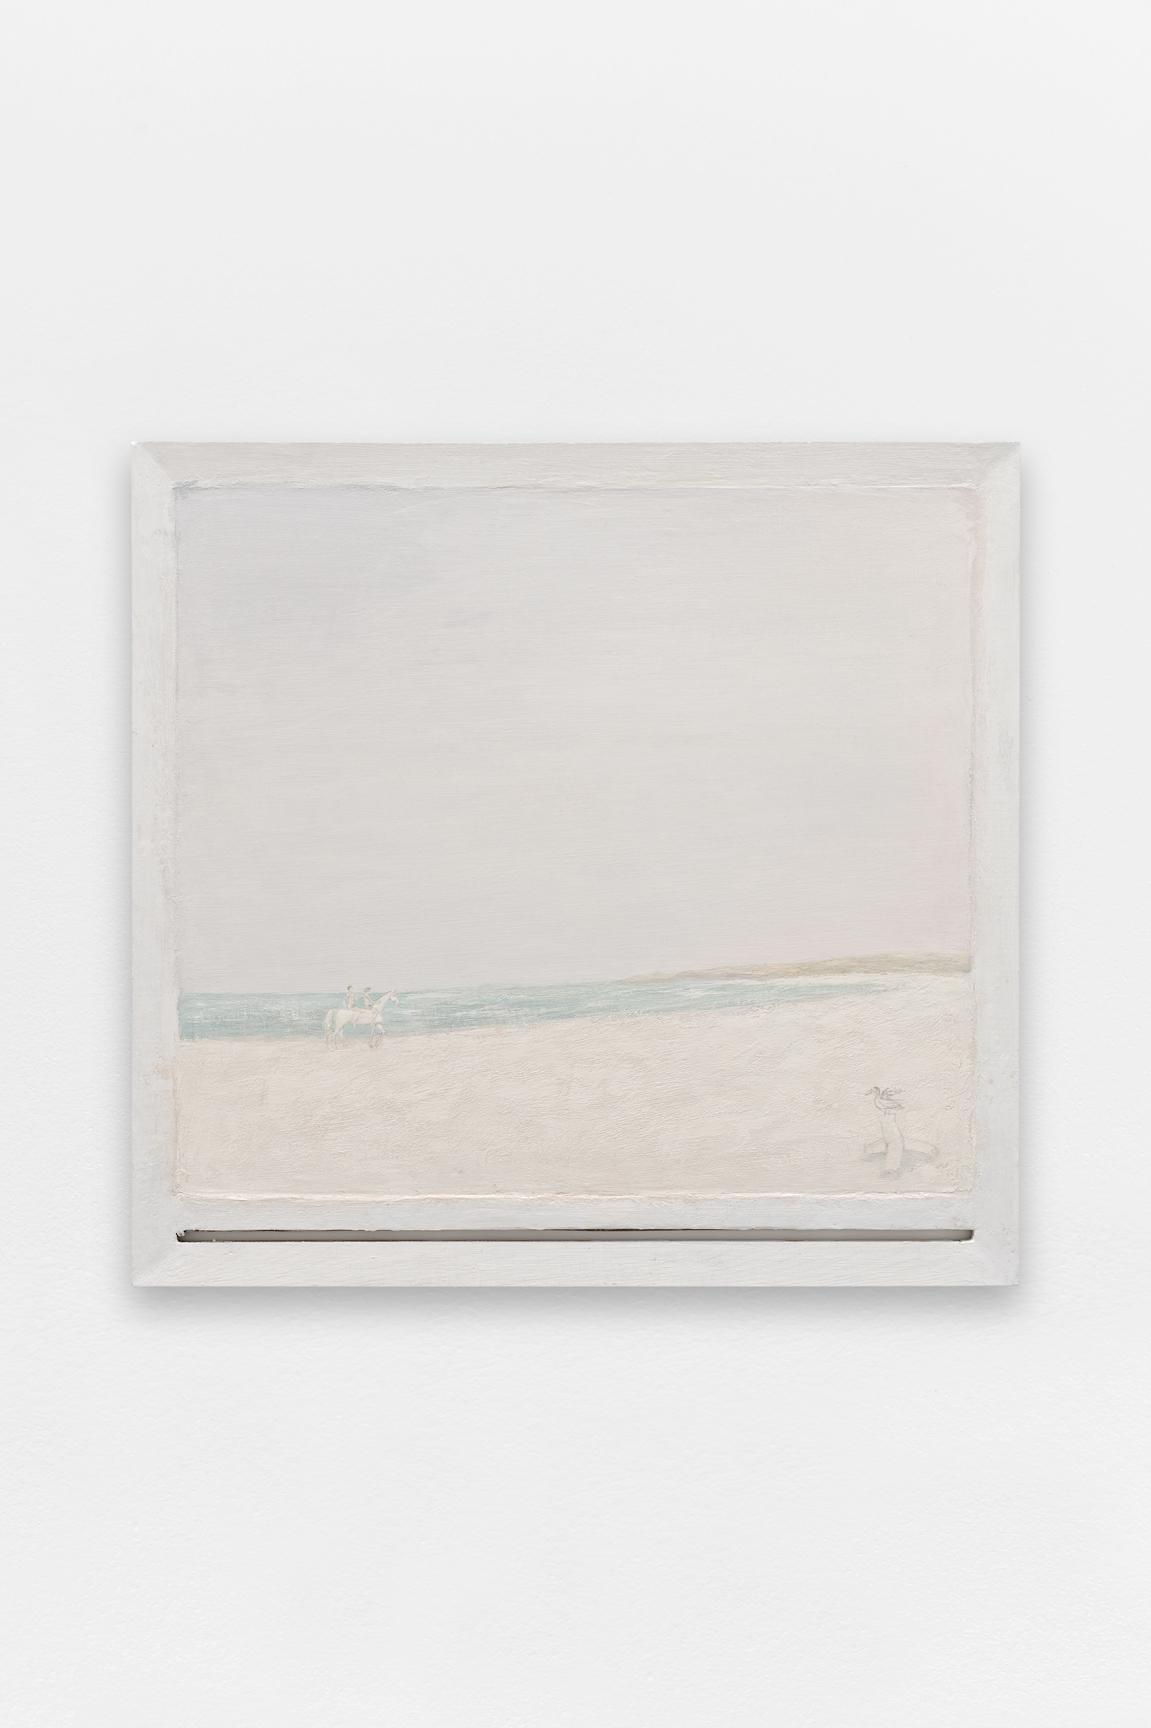 Cavaliers,  Sorin Câmpan, 2019, acrylic and gesso on board, 100 x 95 cm   — Galerie Éric Hussenot, Paris